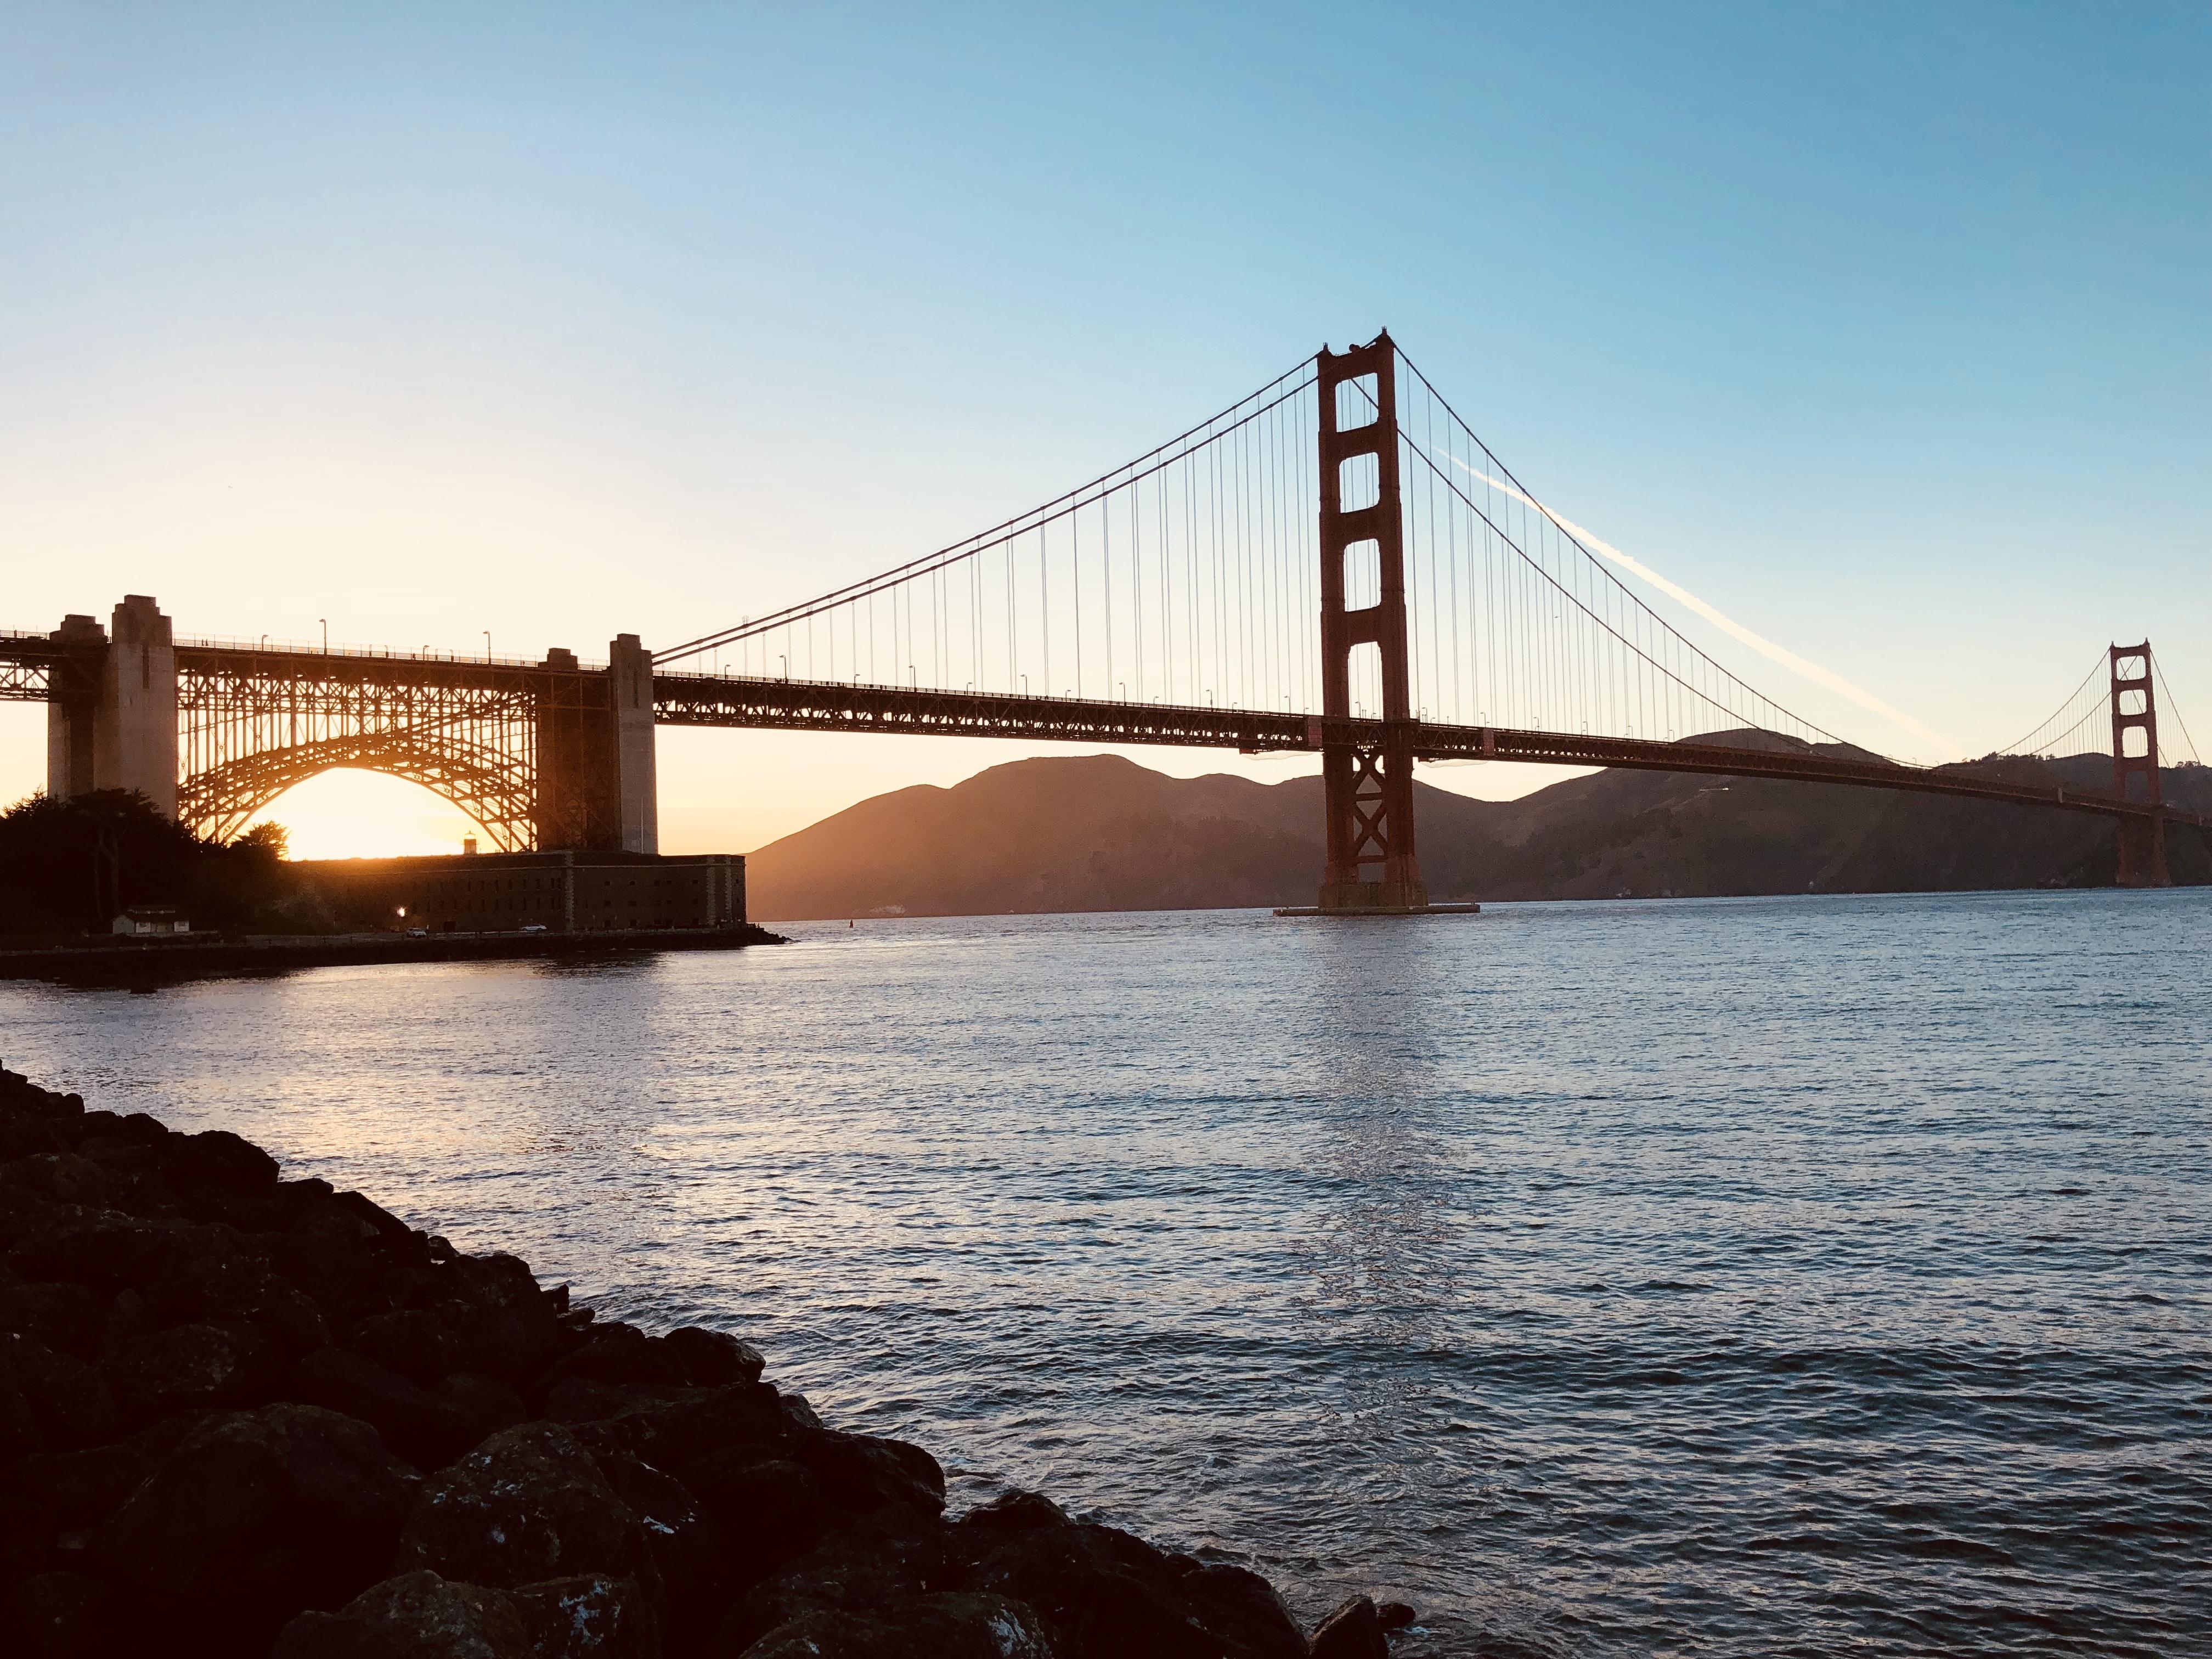 Golden Gate Bridge, California, U.S.A.